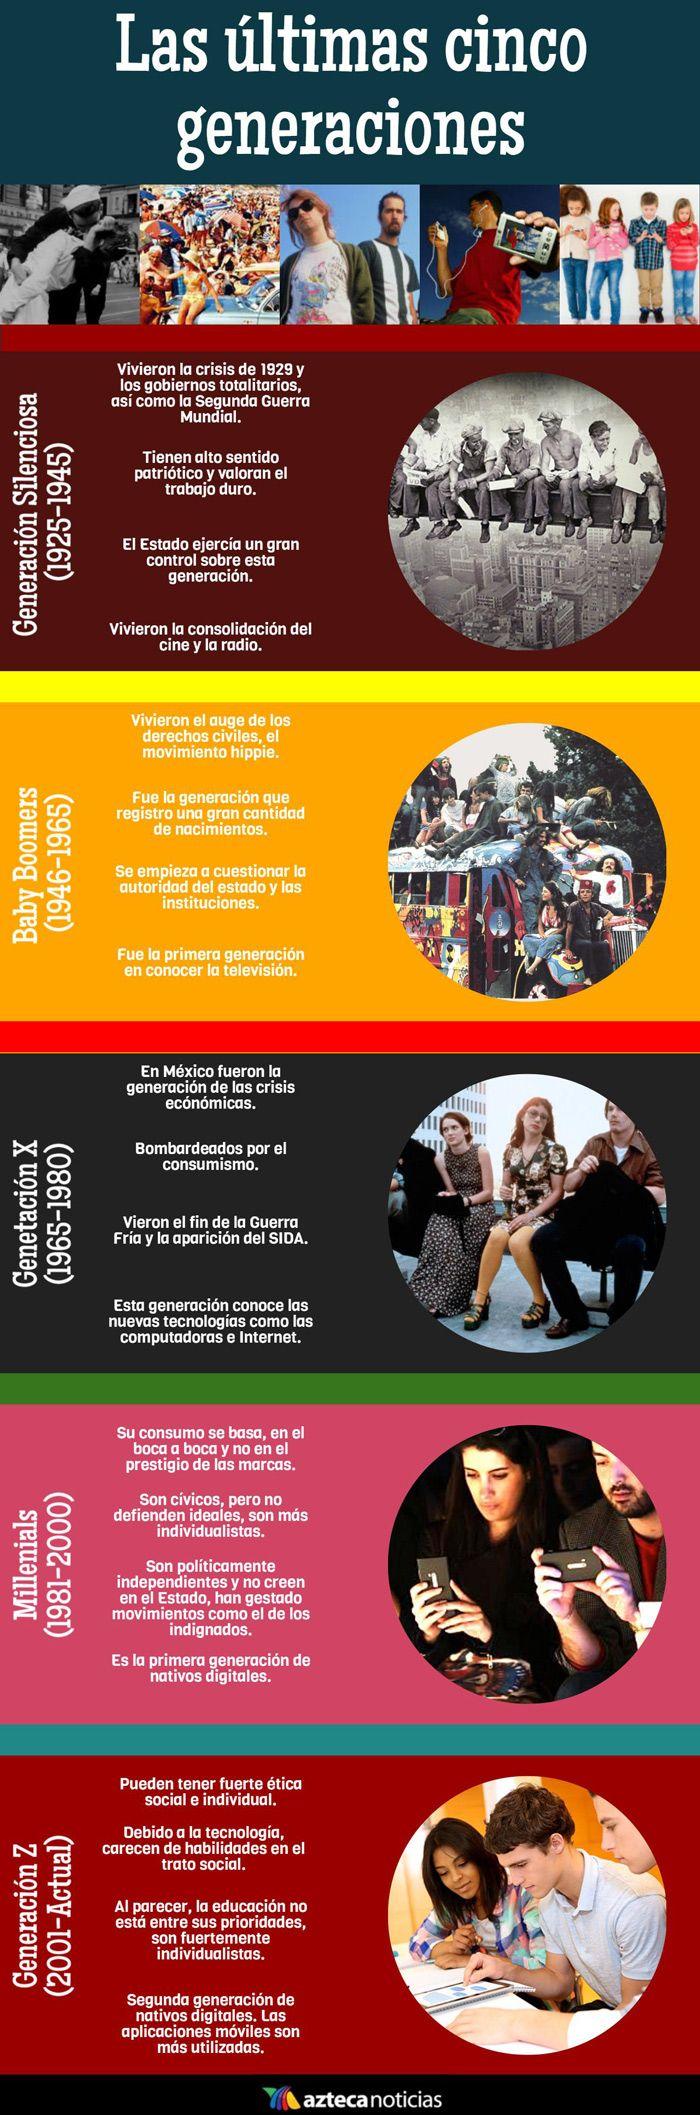 Las últimas cinco generaciones #infografia